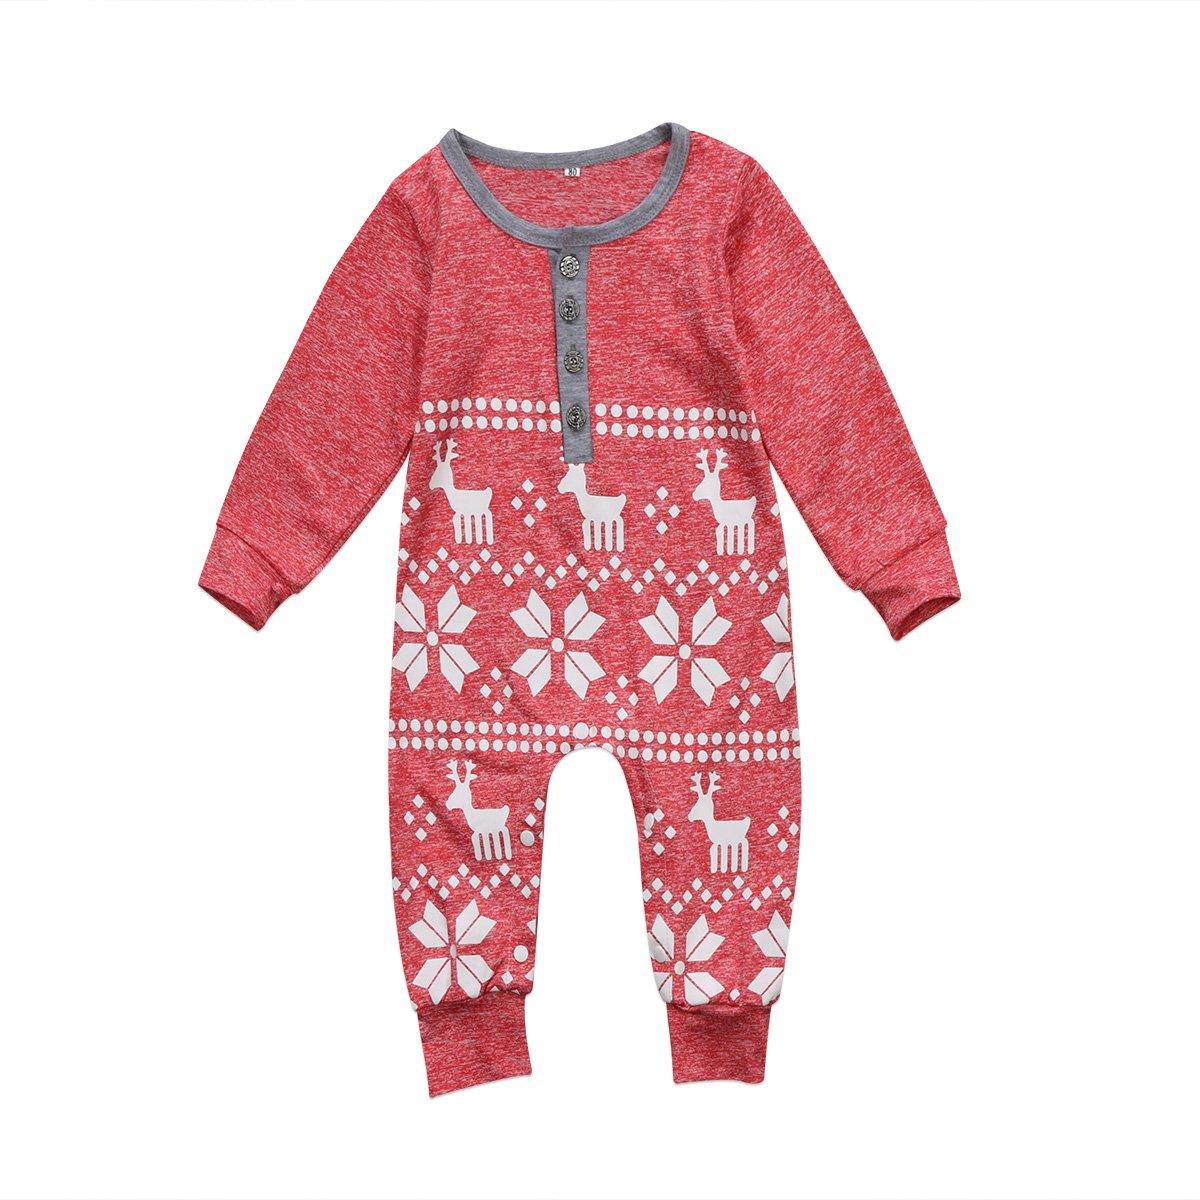 Curipeer Deer Pattern Newborn Infant Baby Christmas Romper Long Sleeve One-Piece Bodysuit